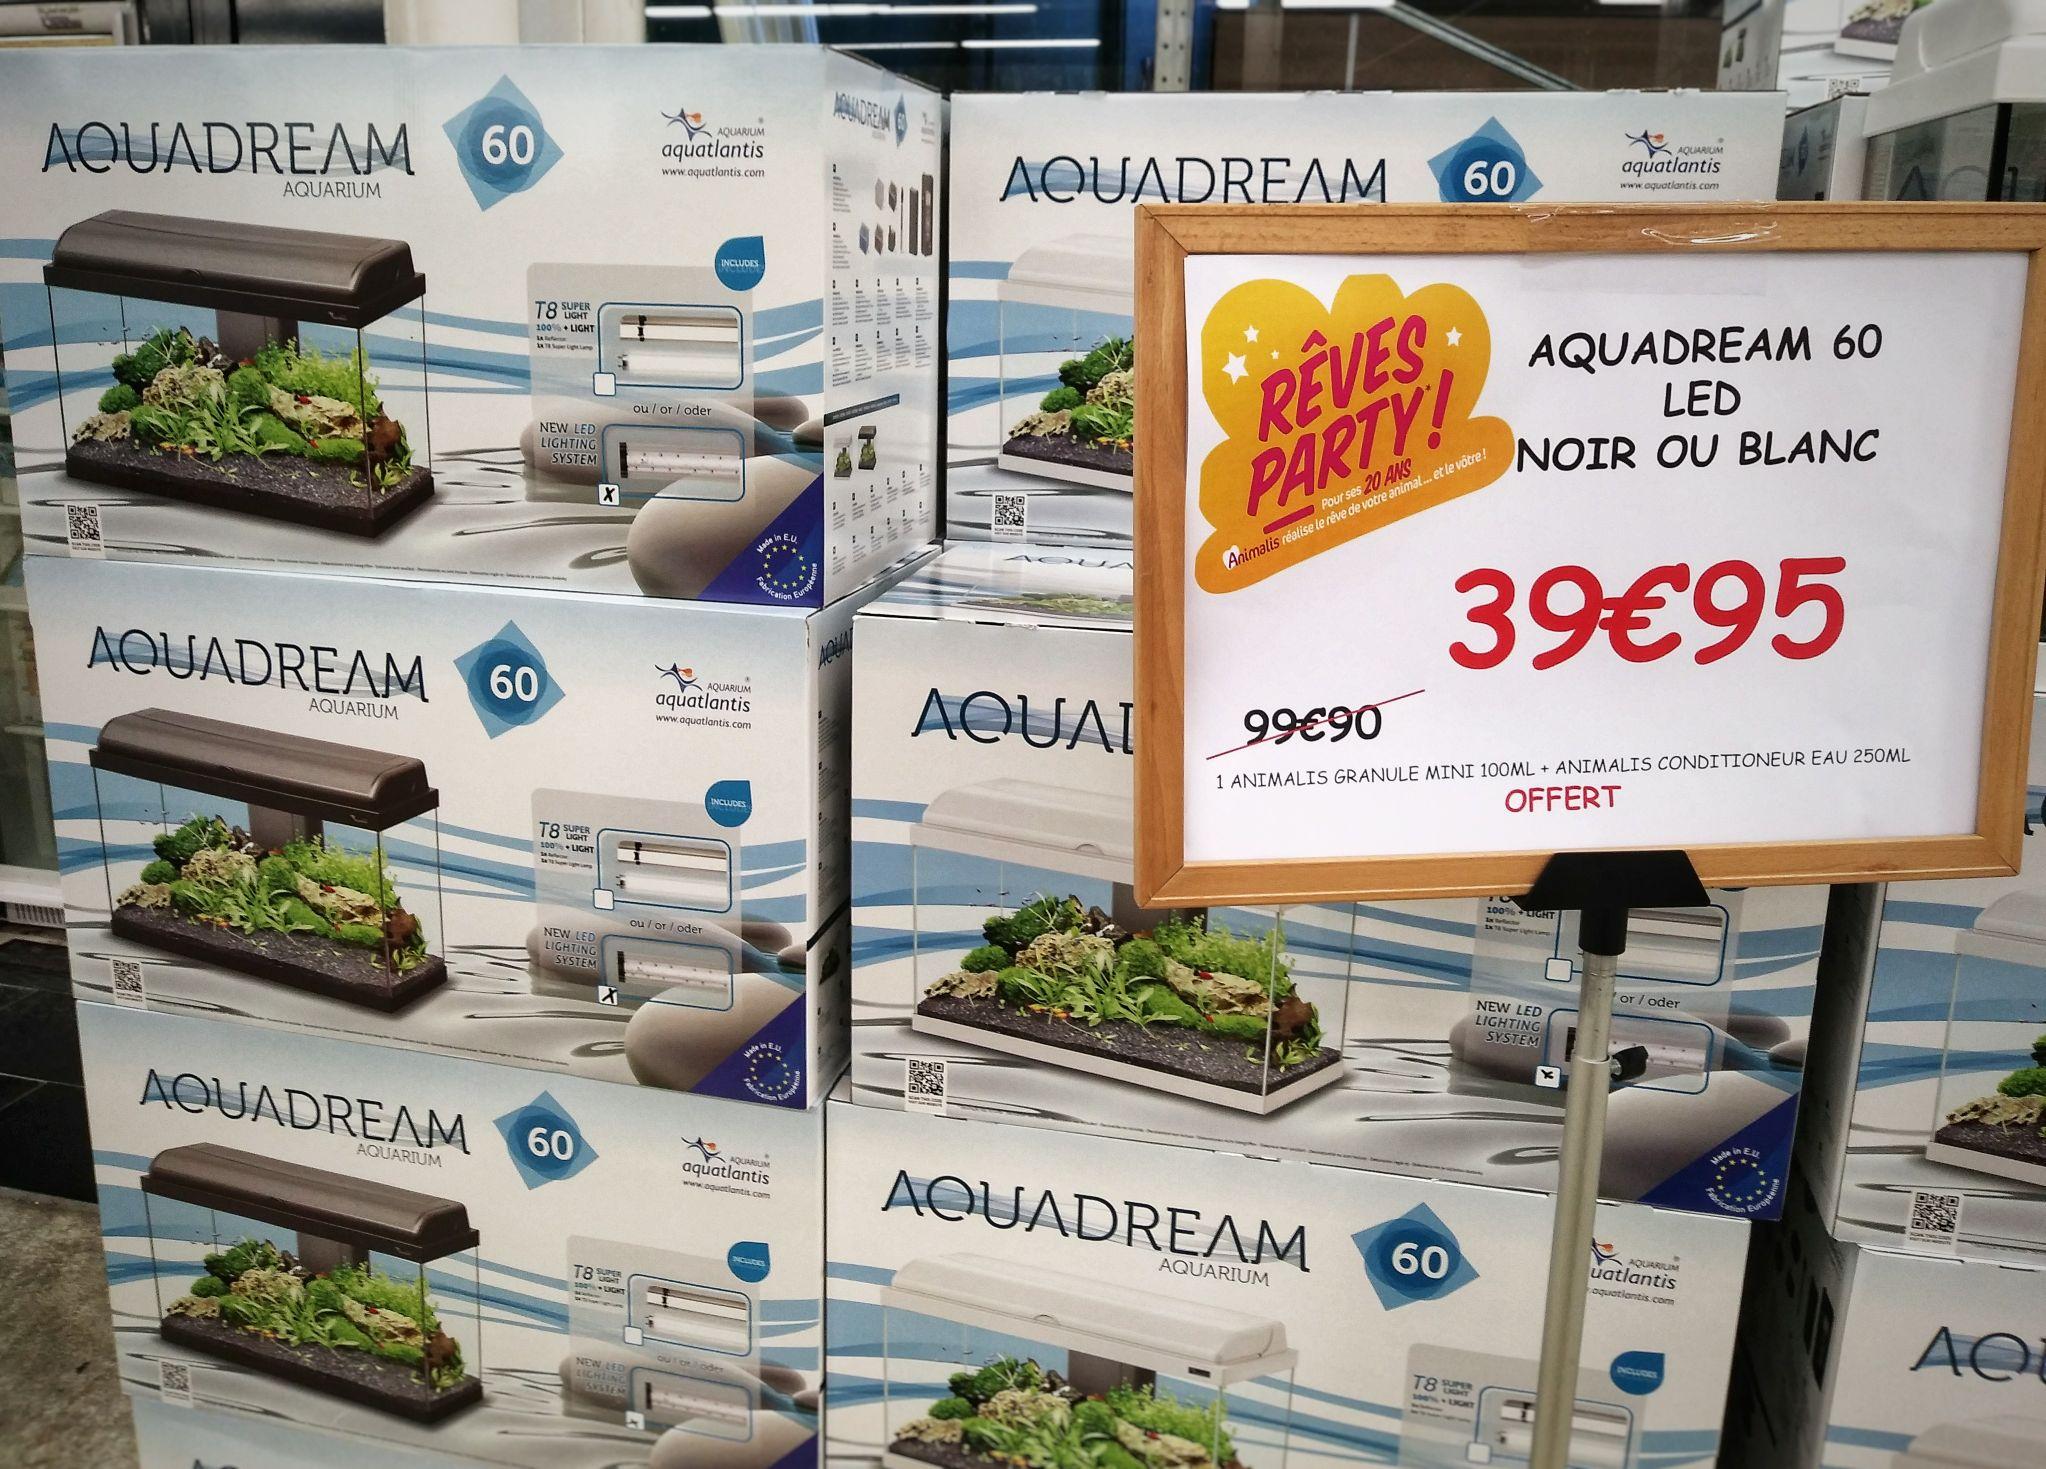 Aquarium Aquadream 60 - 52L, Noir ou Blanc à Animalis Antibes / Guipavas / Epargny / Saint-Ouen-l'Aumône (06 / 29 / 95)